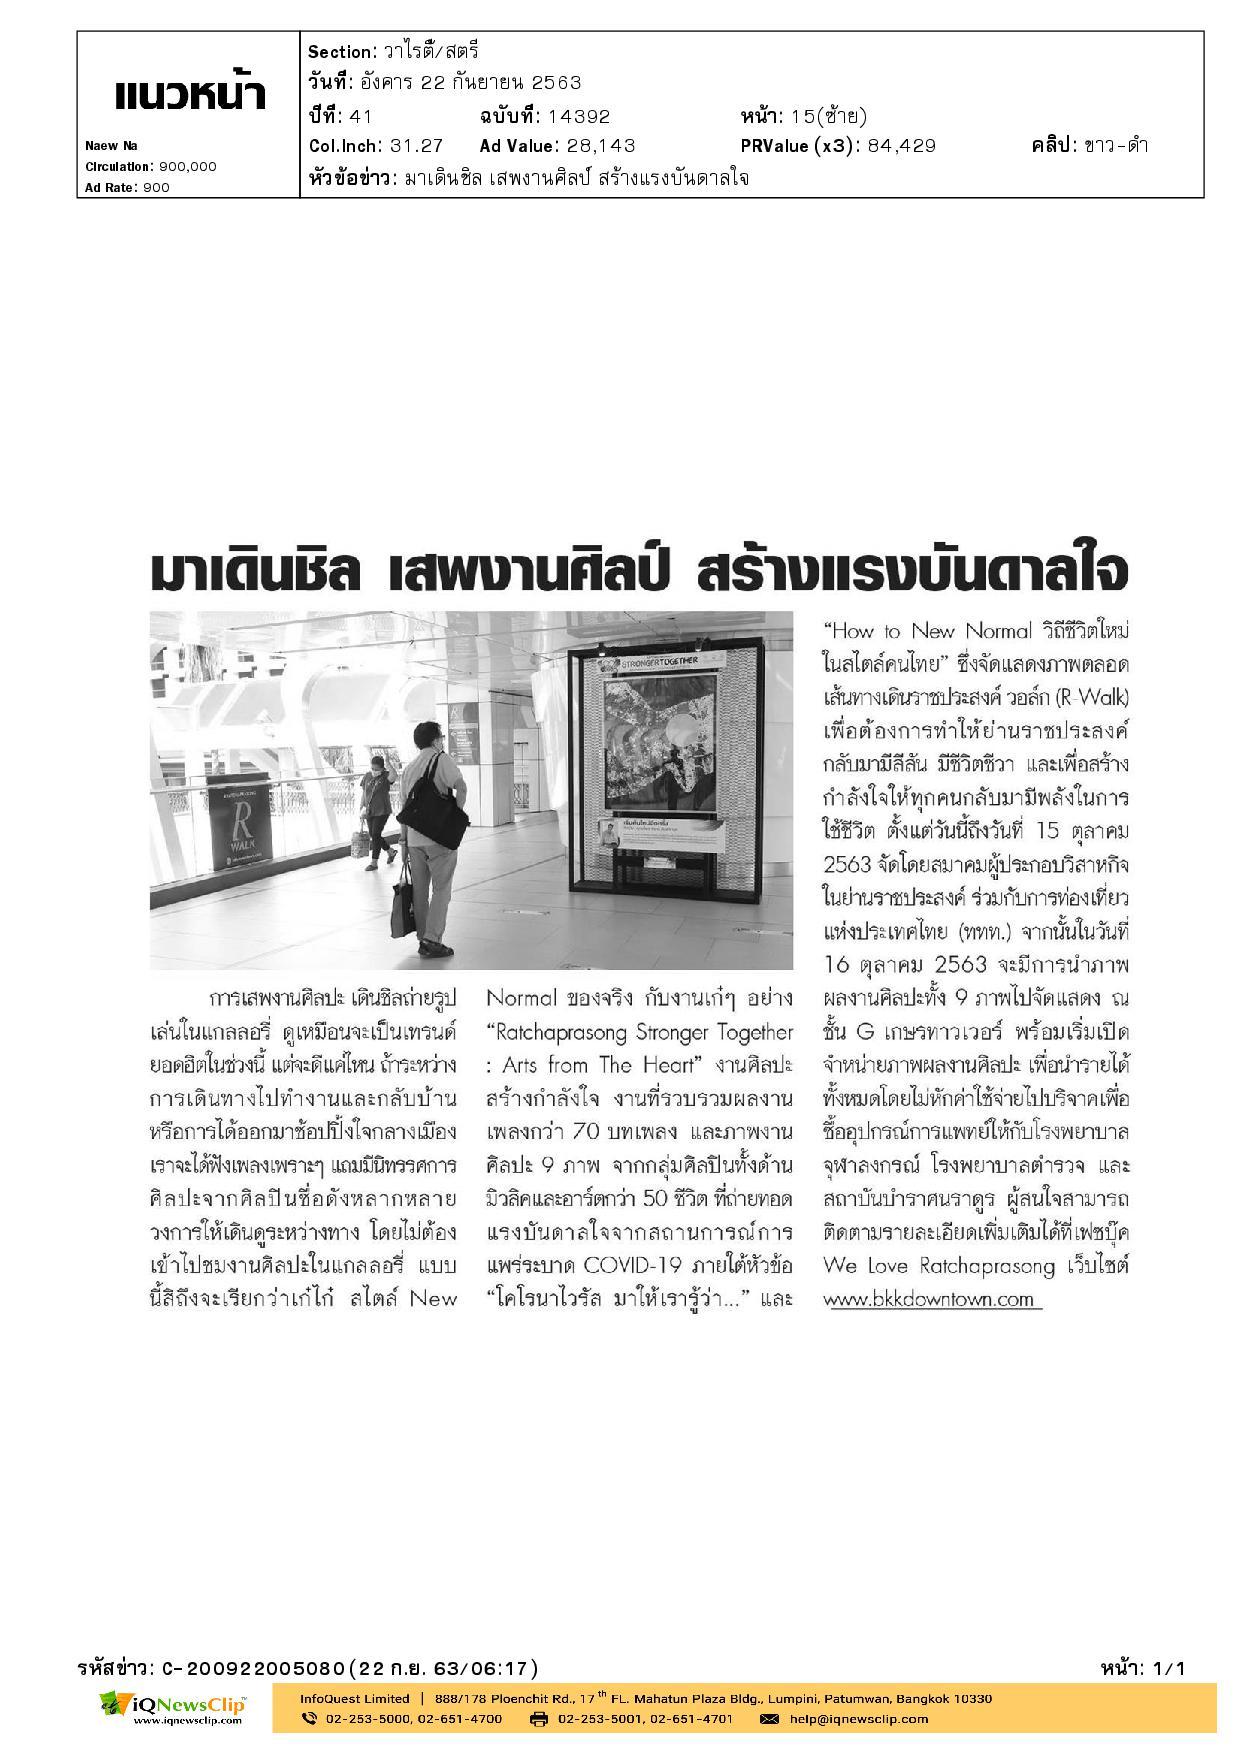 งานศิลปะสร้างกำลังใจ รายได้มอบให้ รพ.จุฬาฯ